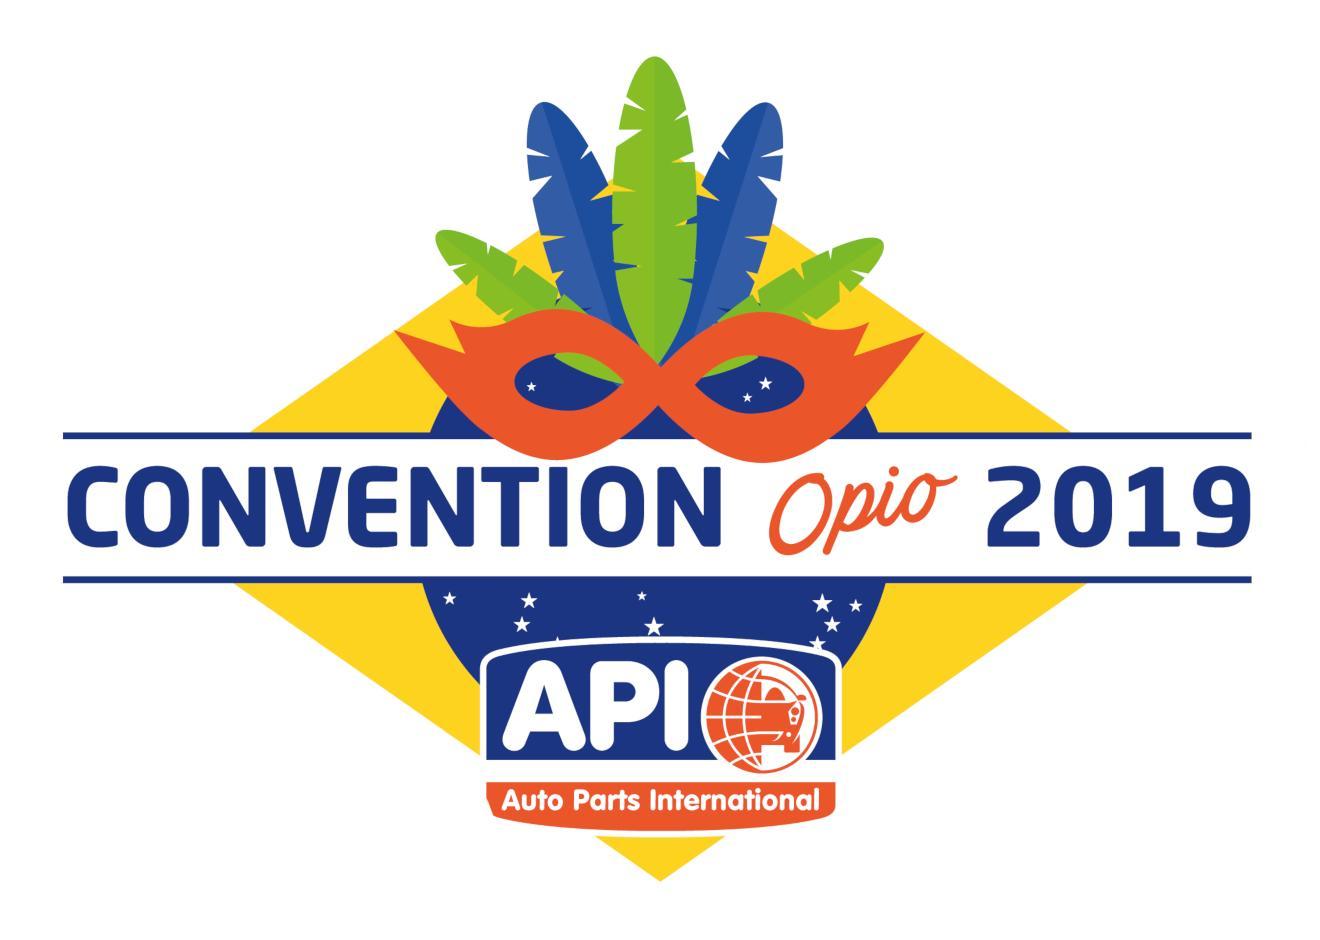 API CONVENTIE 2019 @ Opio